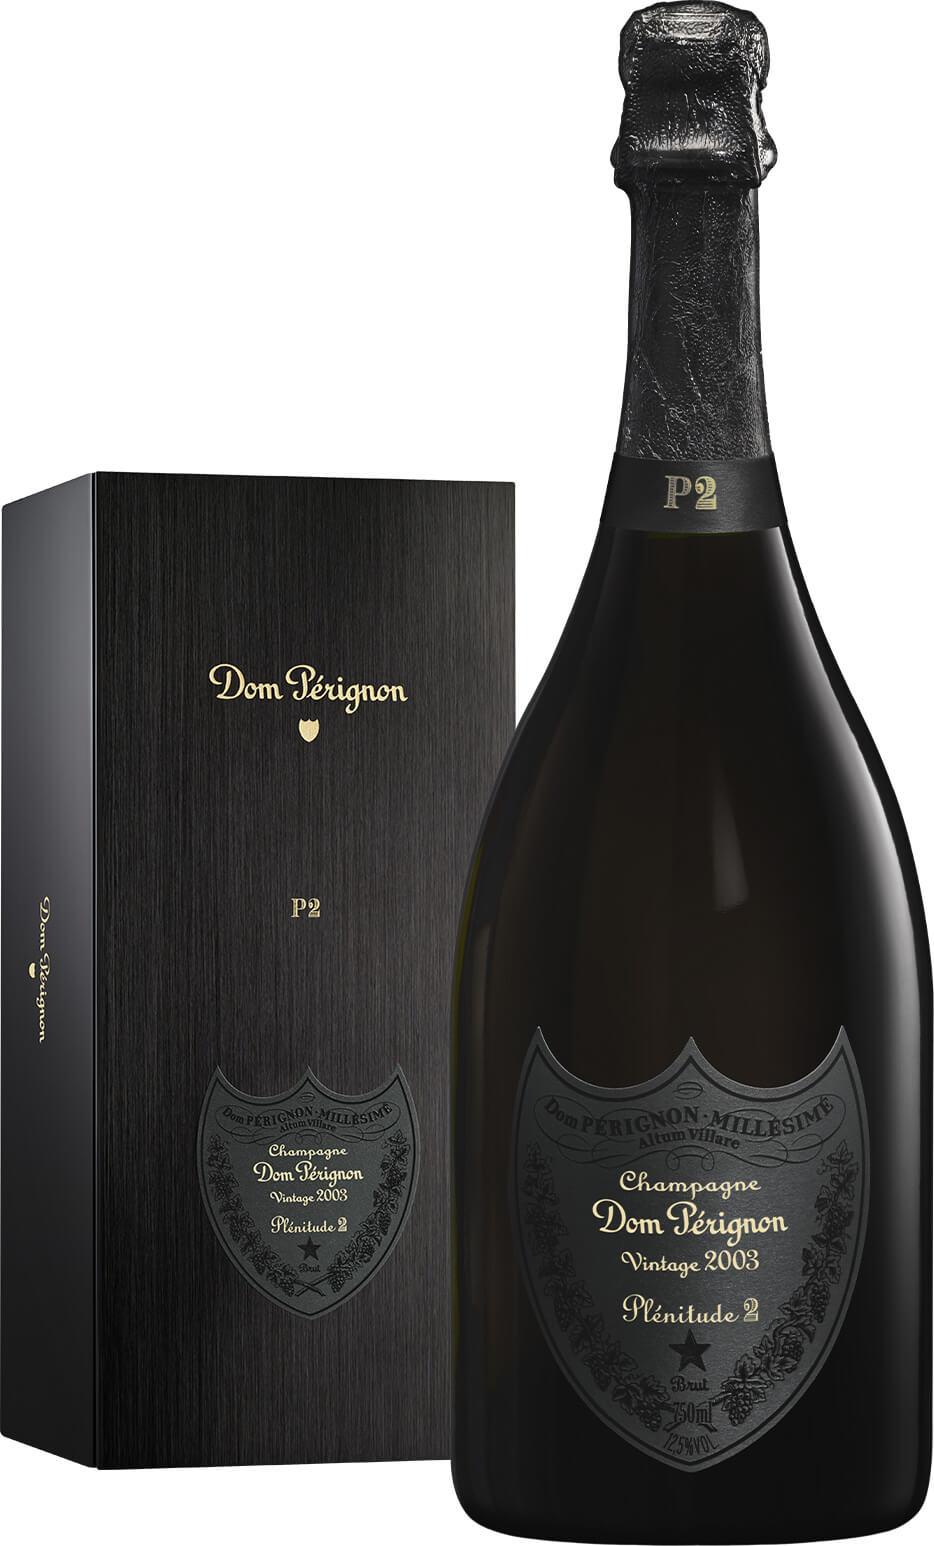 Champagne Dom Pérignon Vintage 2003 Plénitude 2 et son coffret